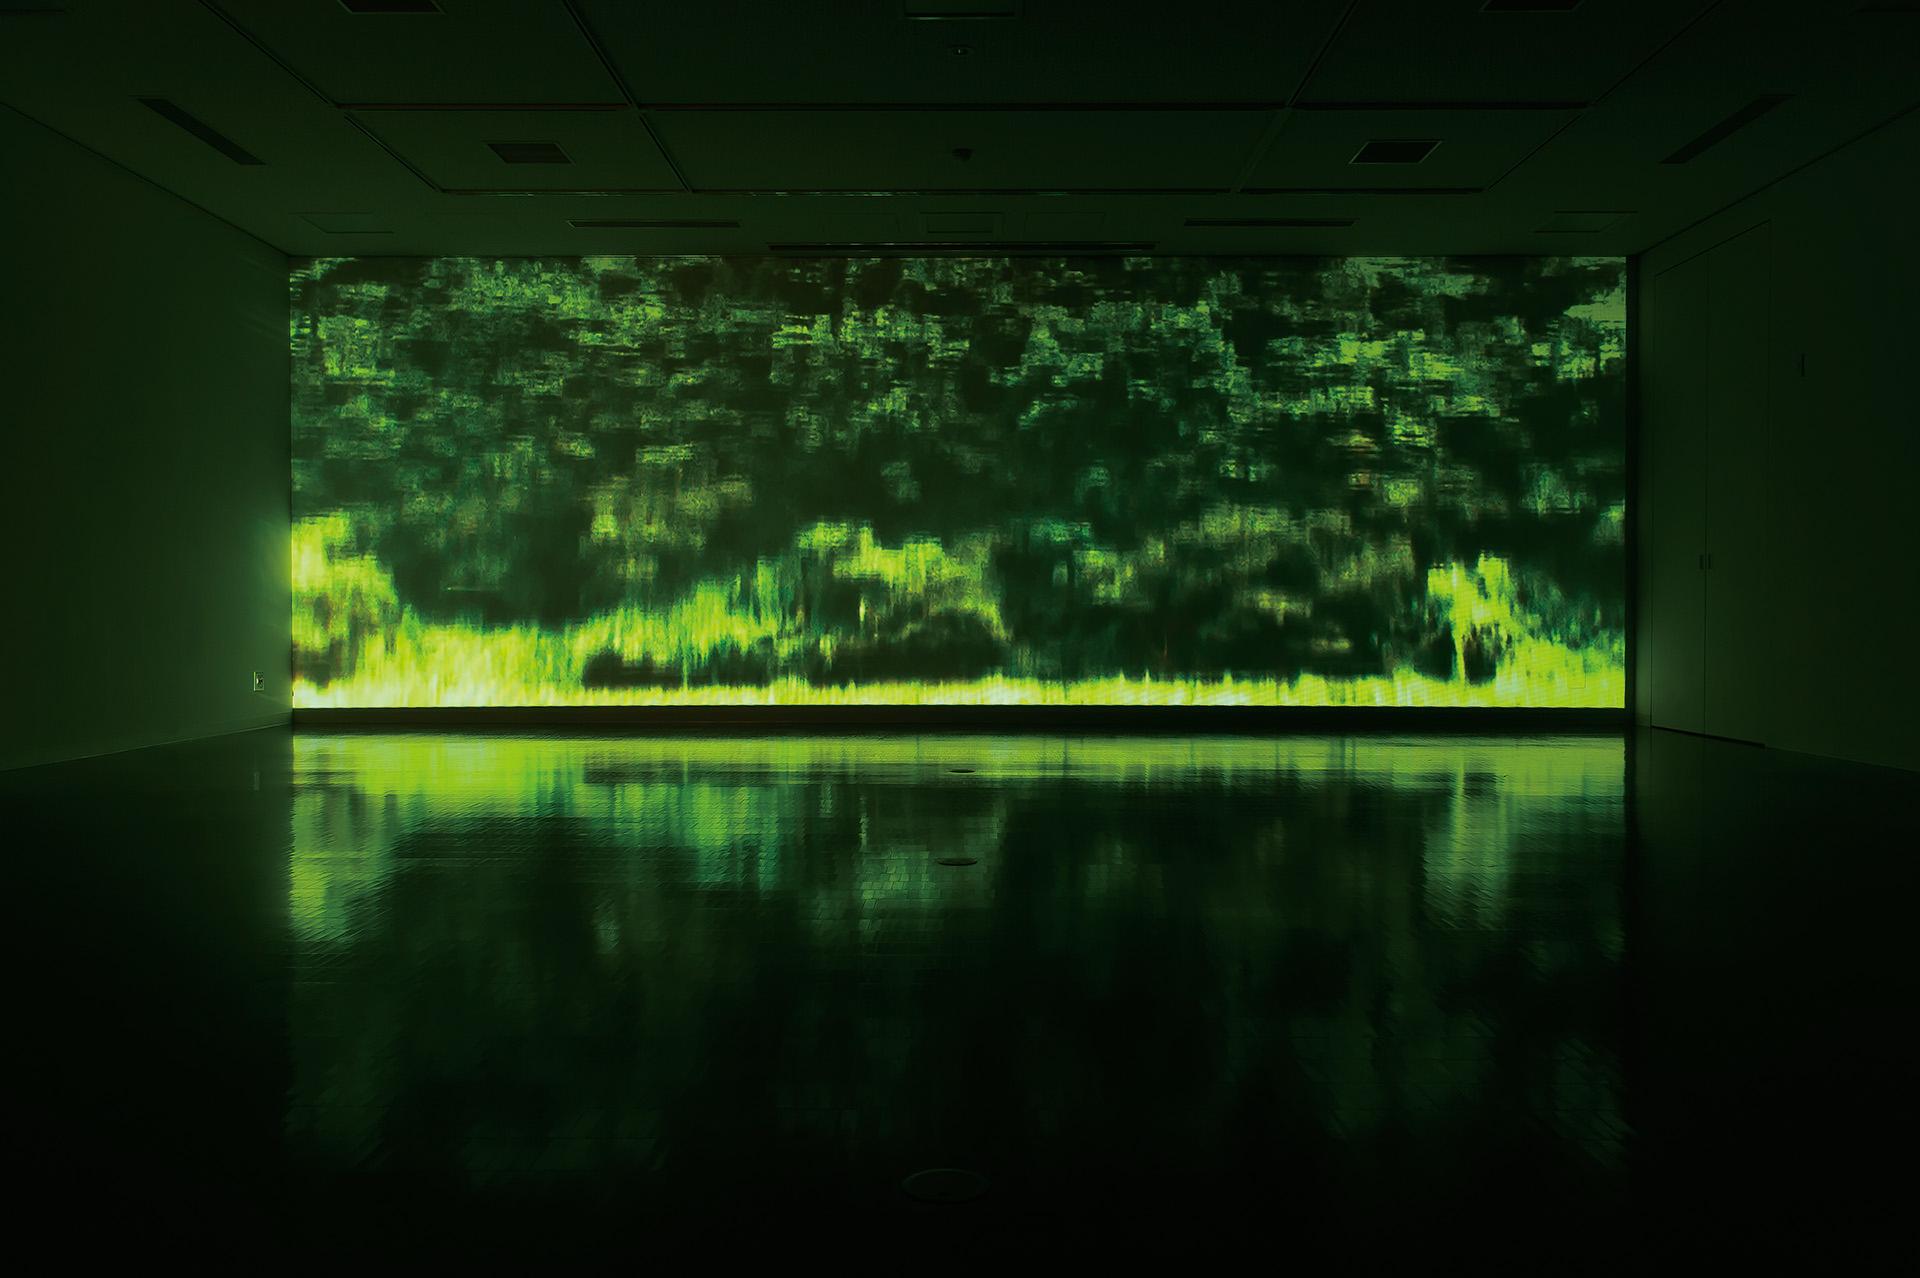 水野勝規「reflection」 2012年 ビデオインスタレーション 撮影:豊永 政史